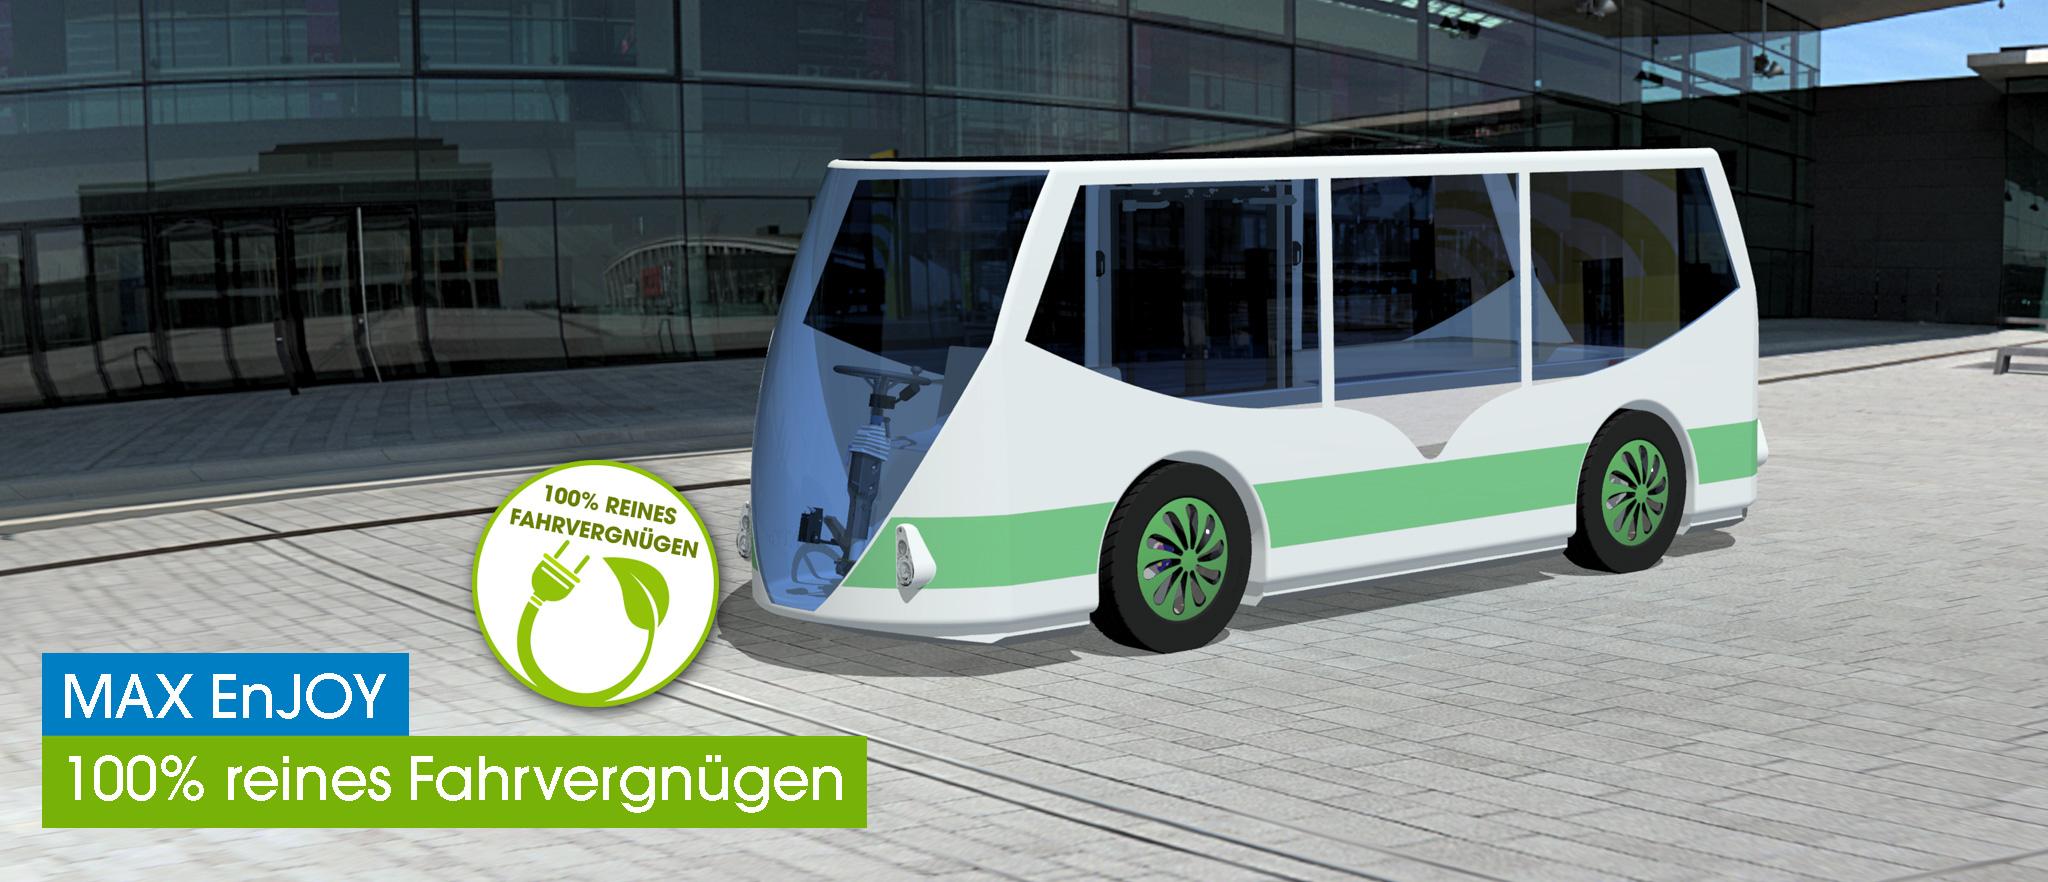 Elekto Minibus MAX